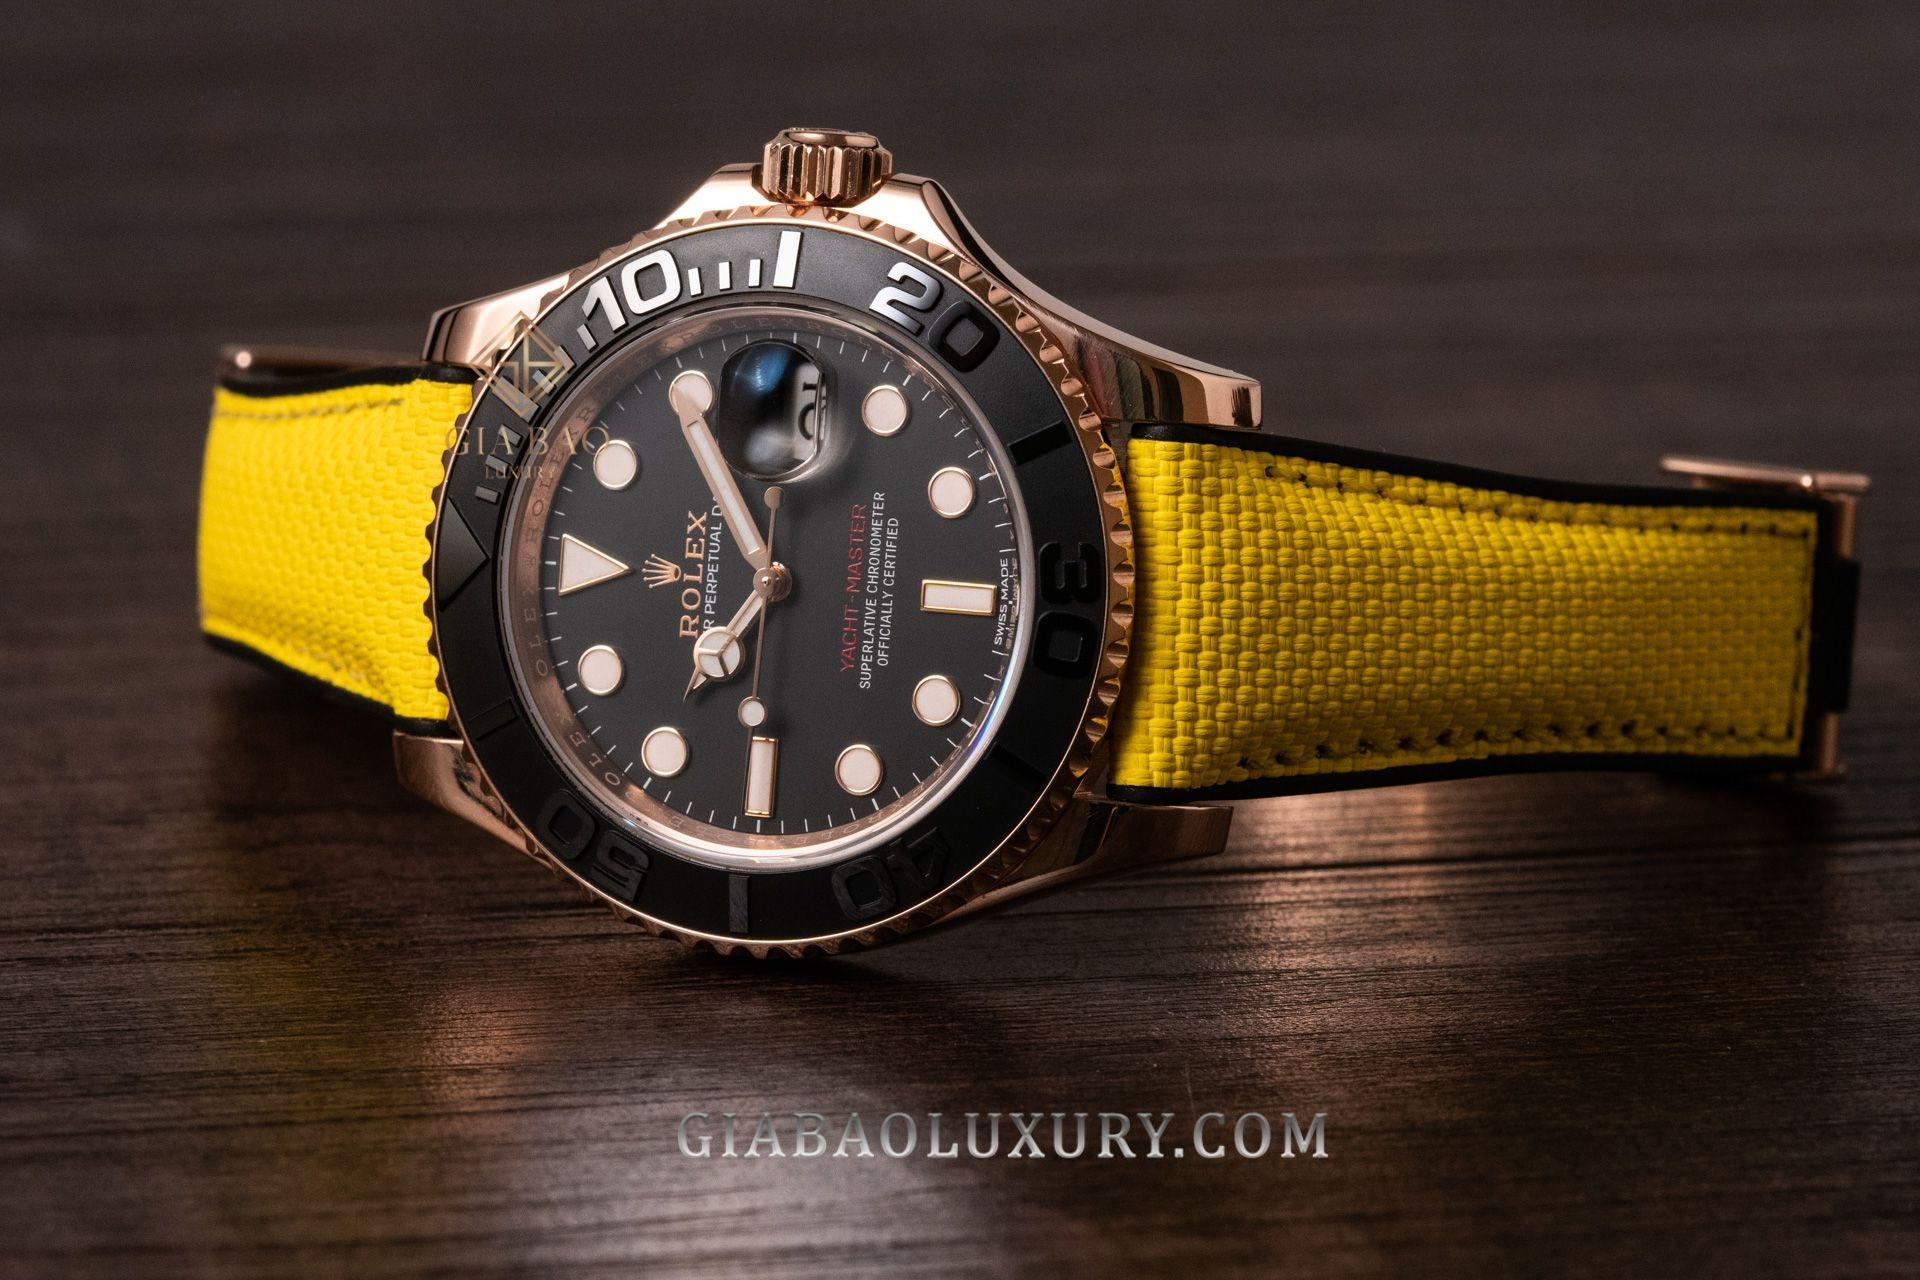 Đồng Hồ Rolex Yacht-Master 116655 Mặt Số Đen